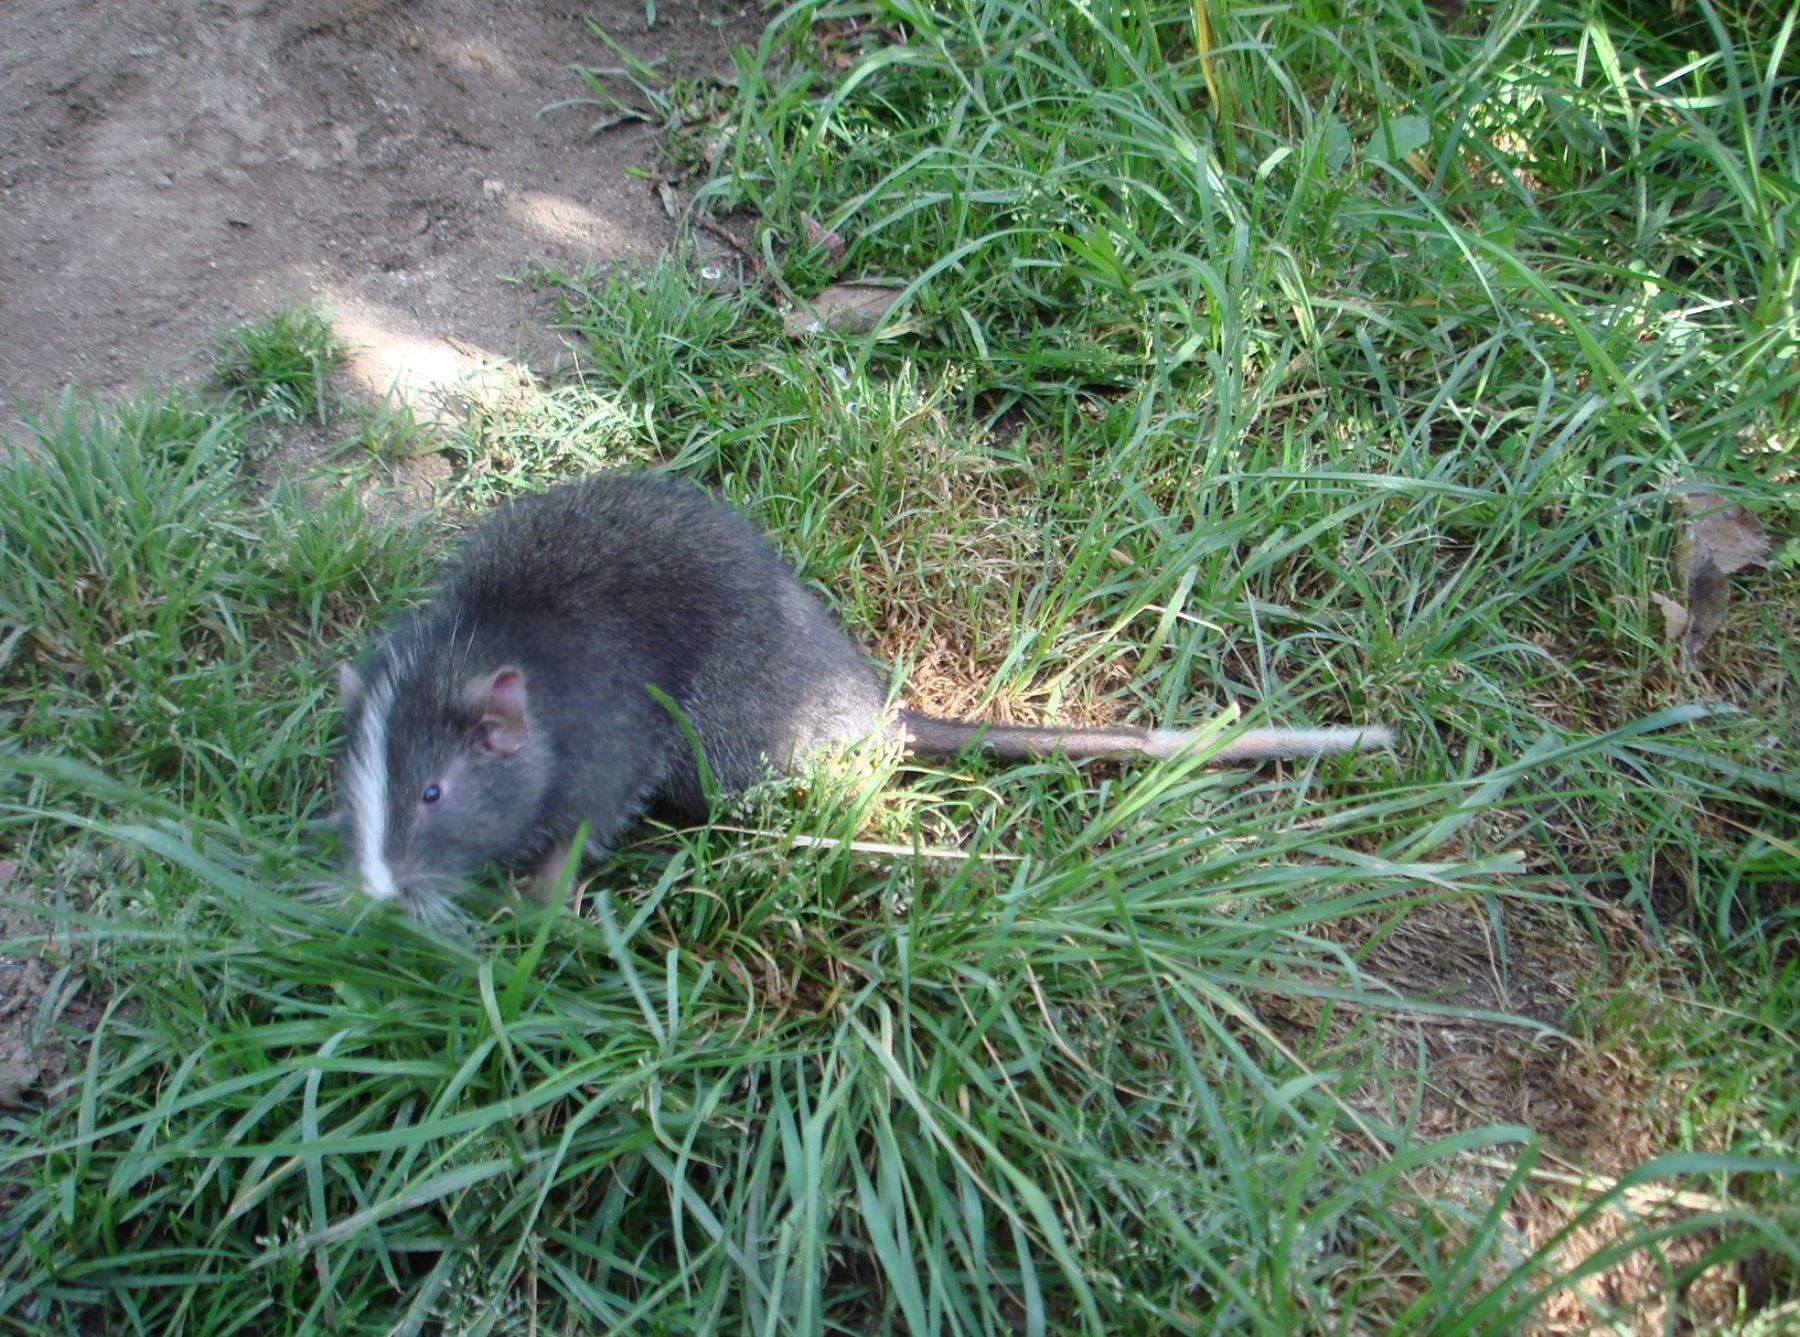 Sernanp reportó el avistamiento de un ejemplar de rata chinchilla arborícola en el Santuario Machu Picchu. La especie se creía extinta y su único registro anterior ocurrió en 2009. ANDINA/Difusión